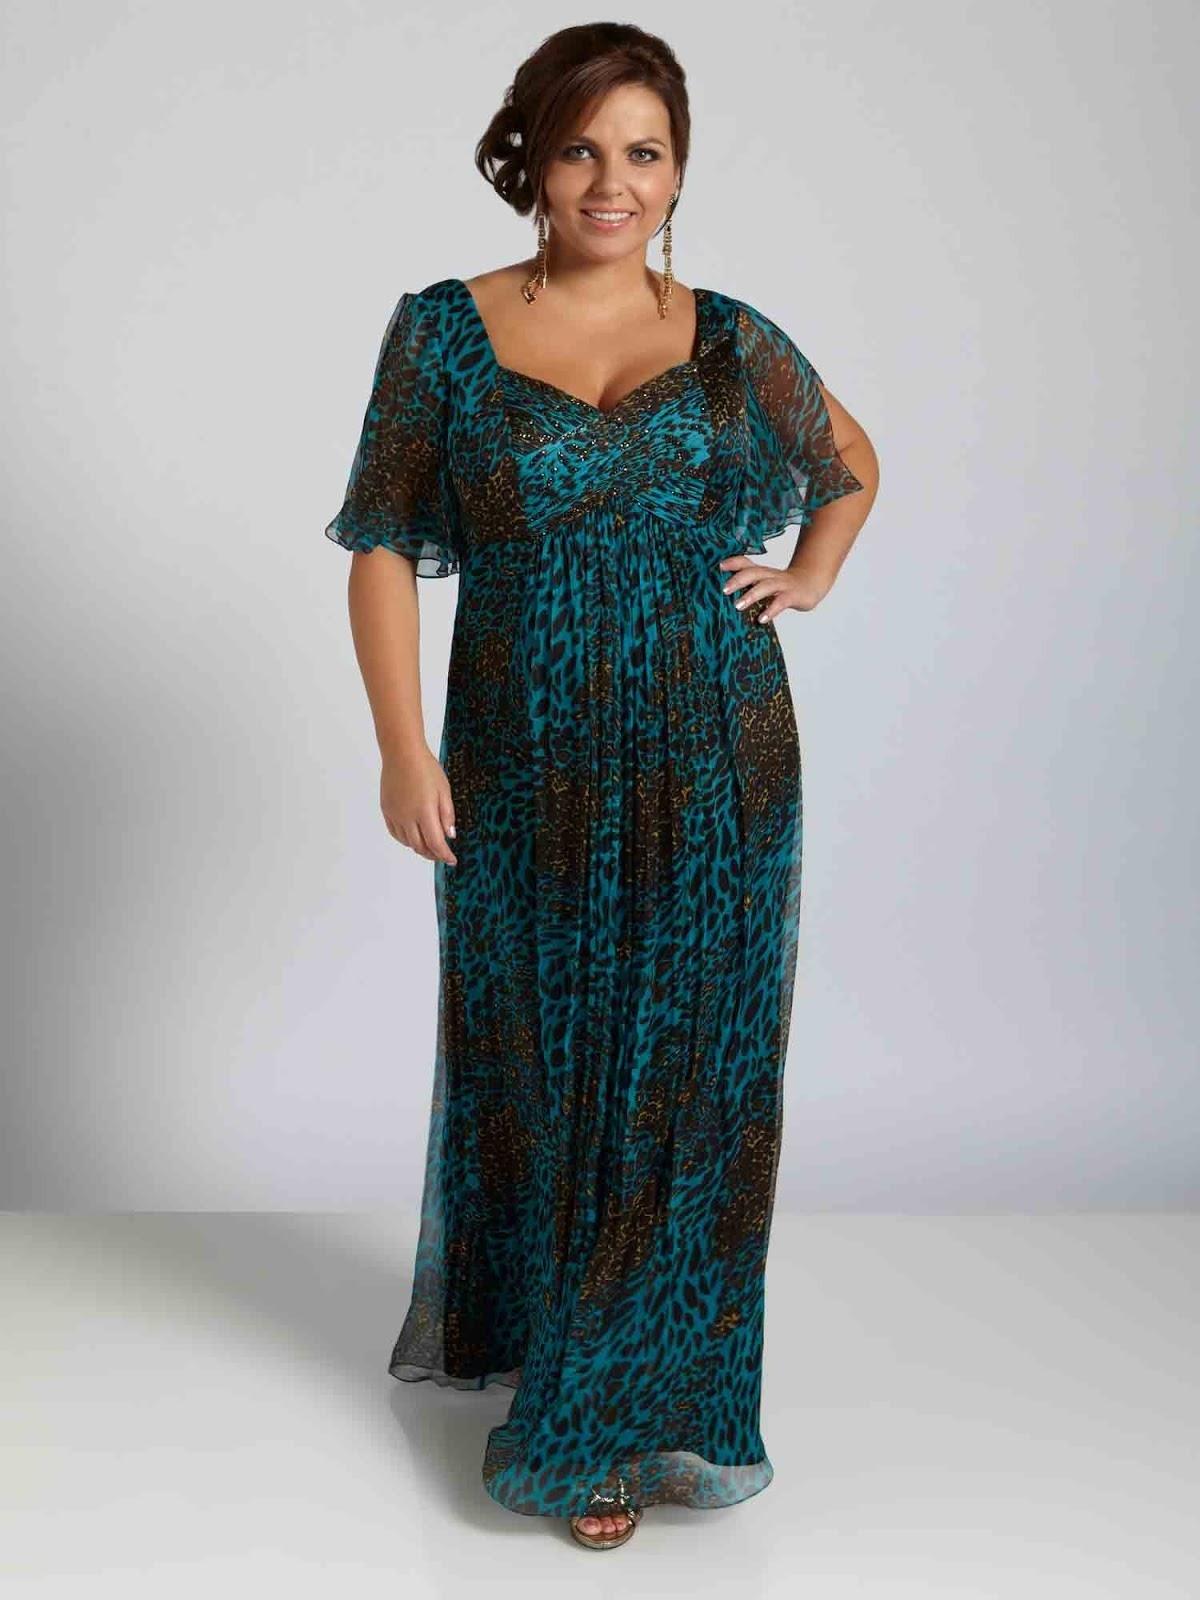 Elegant Abendkleider Ältere Frauen für 2019Formal Großartig Abendkleider Ältere Frauen Stylish